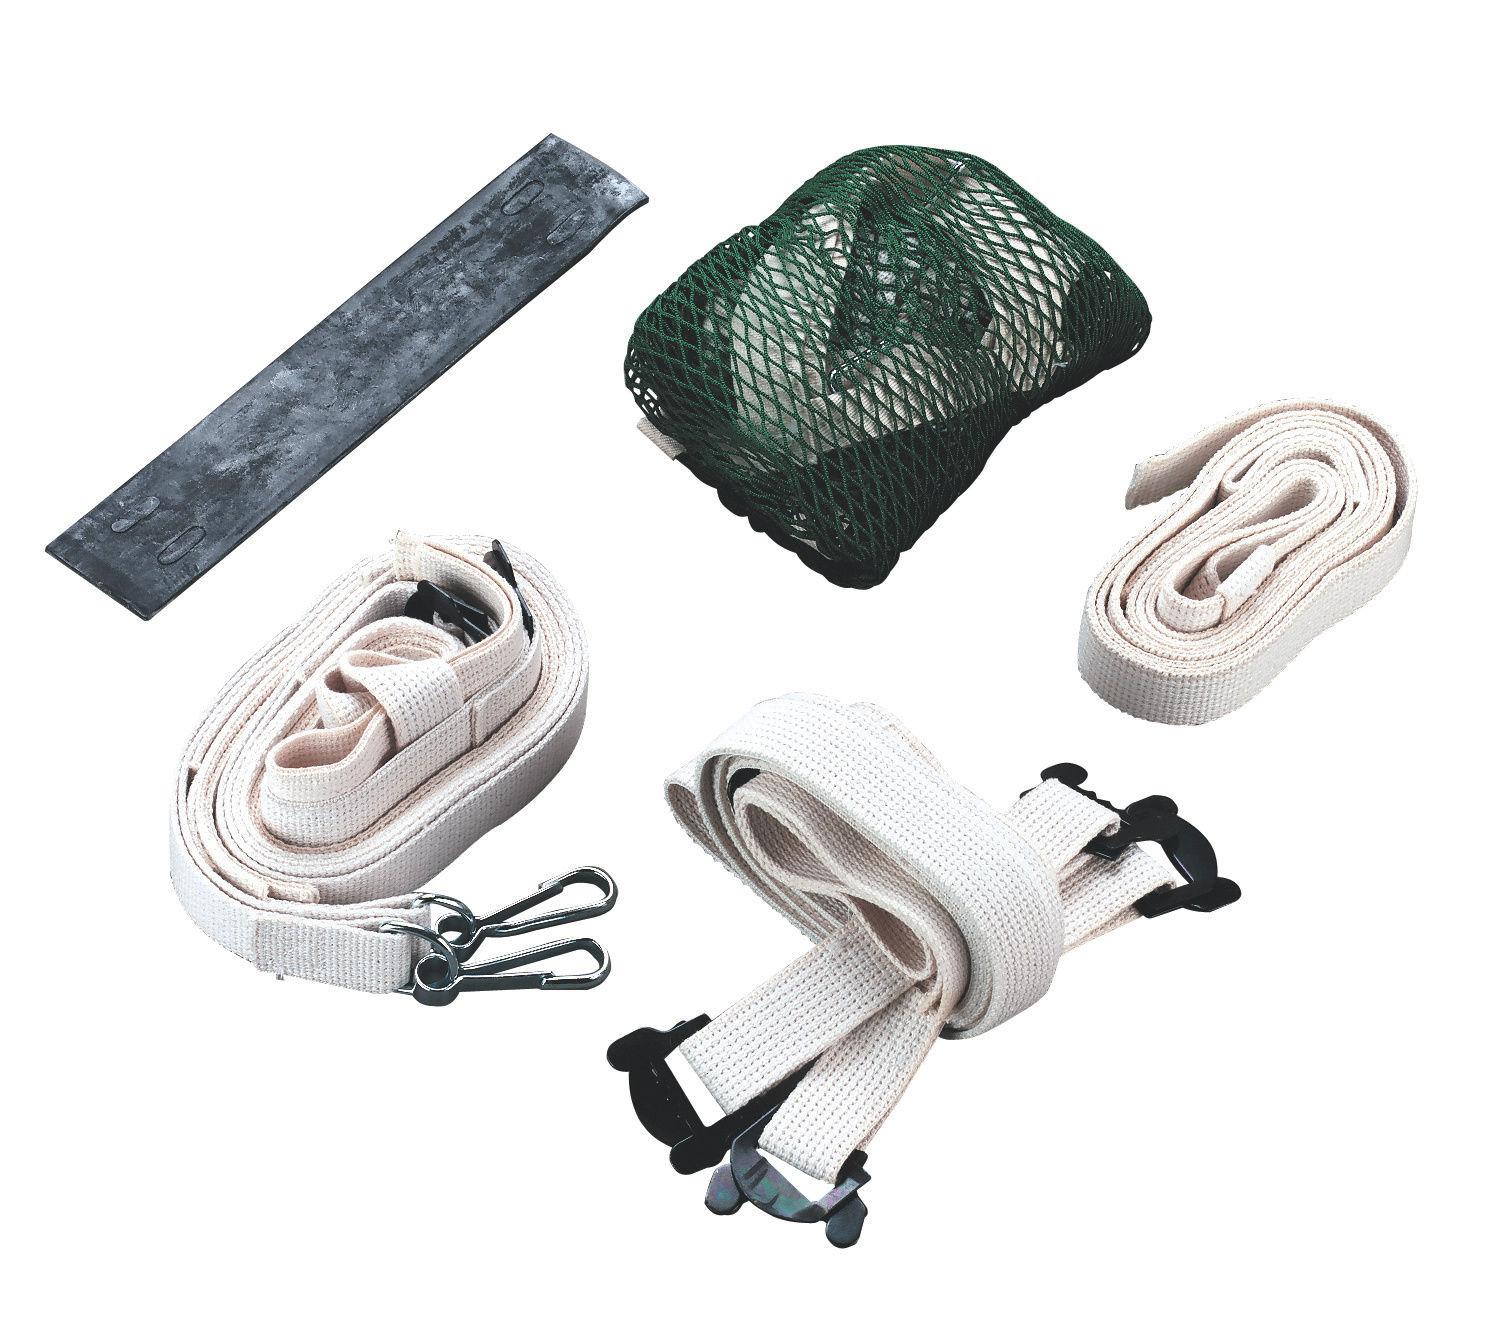 Zitzenschutz grünes Netz, M mit Nackengurt